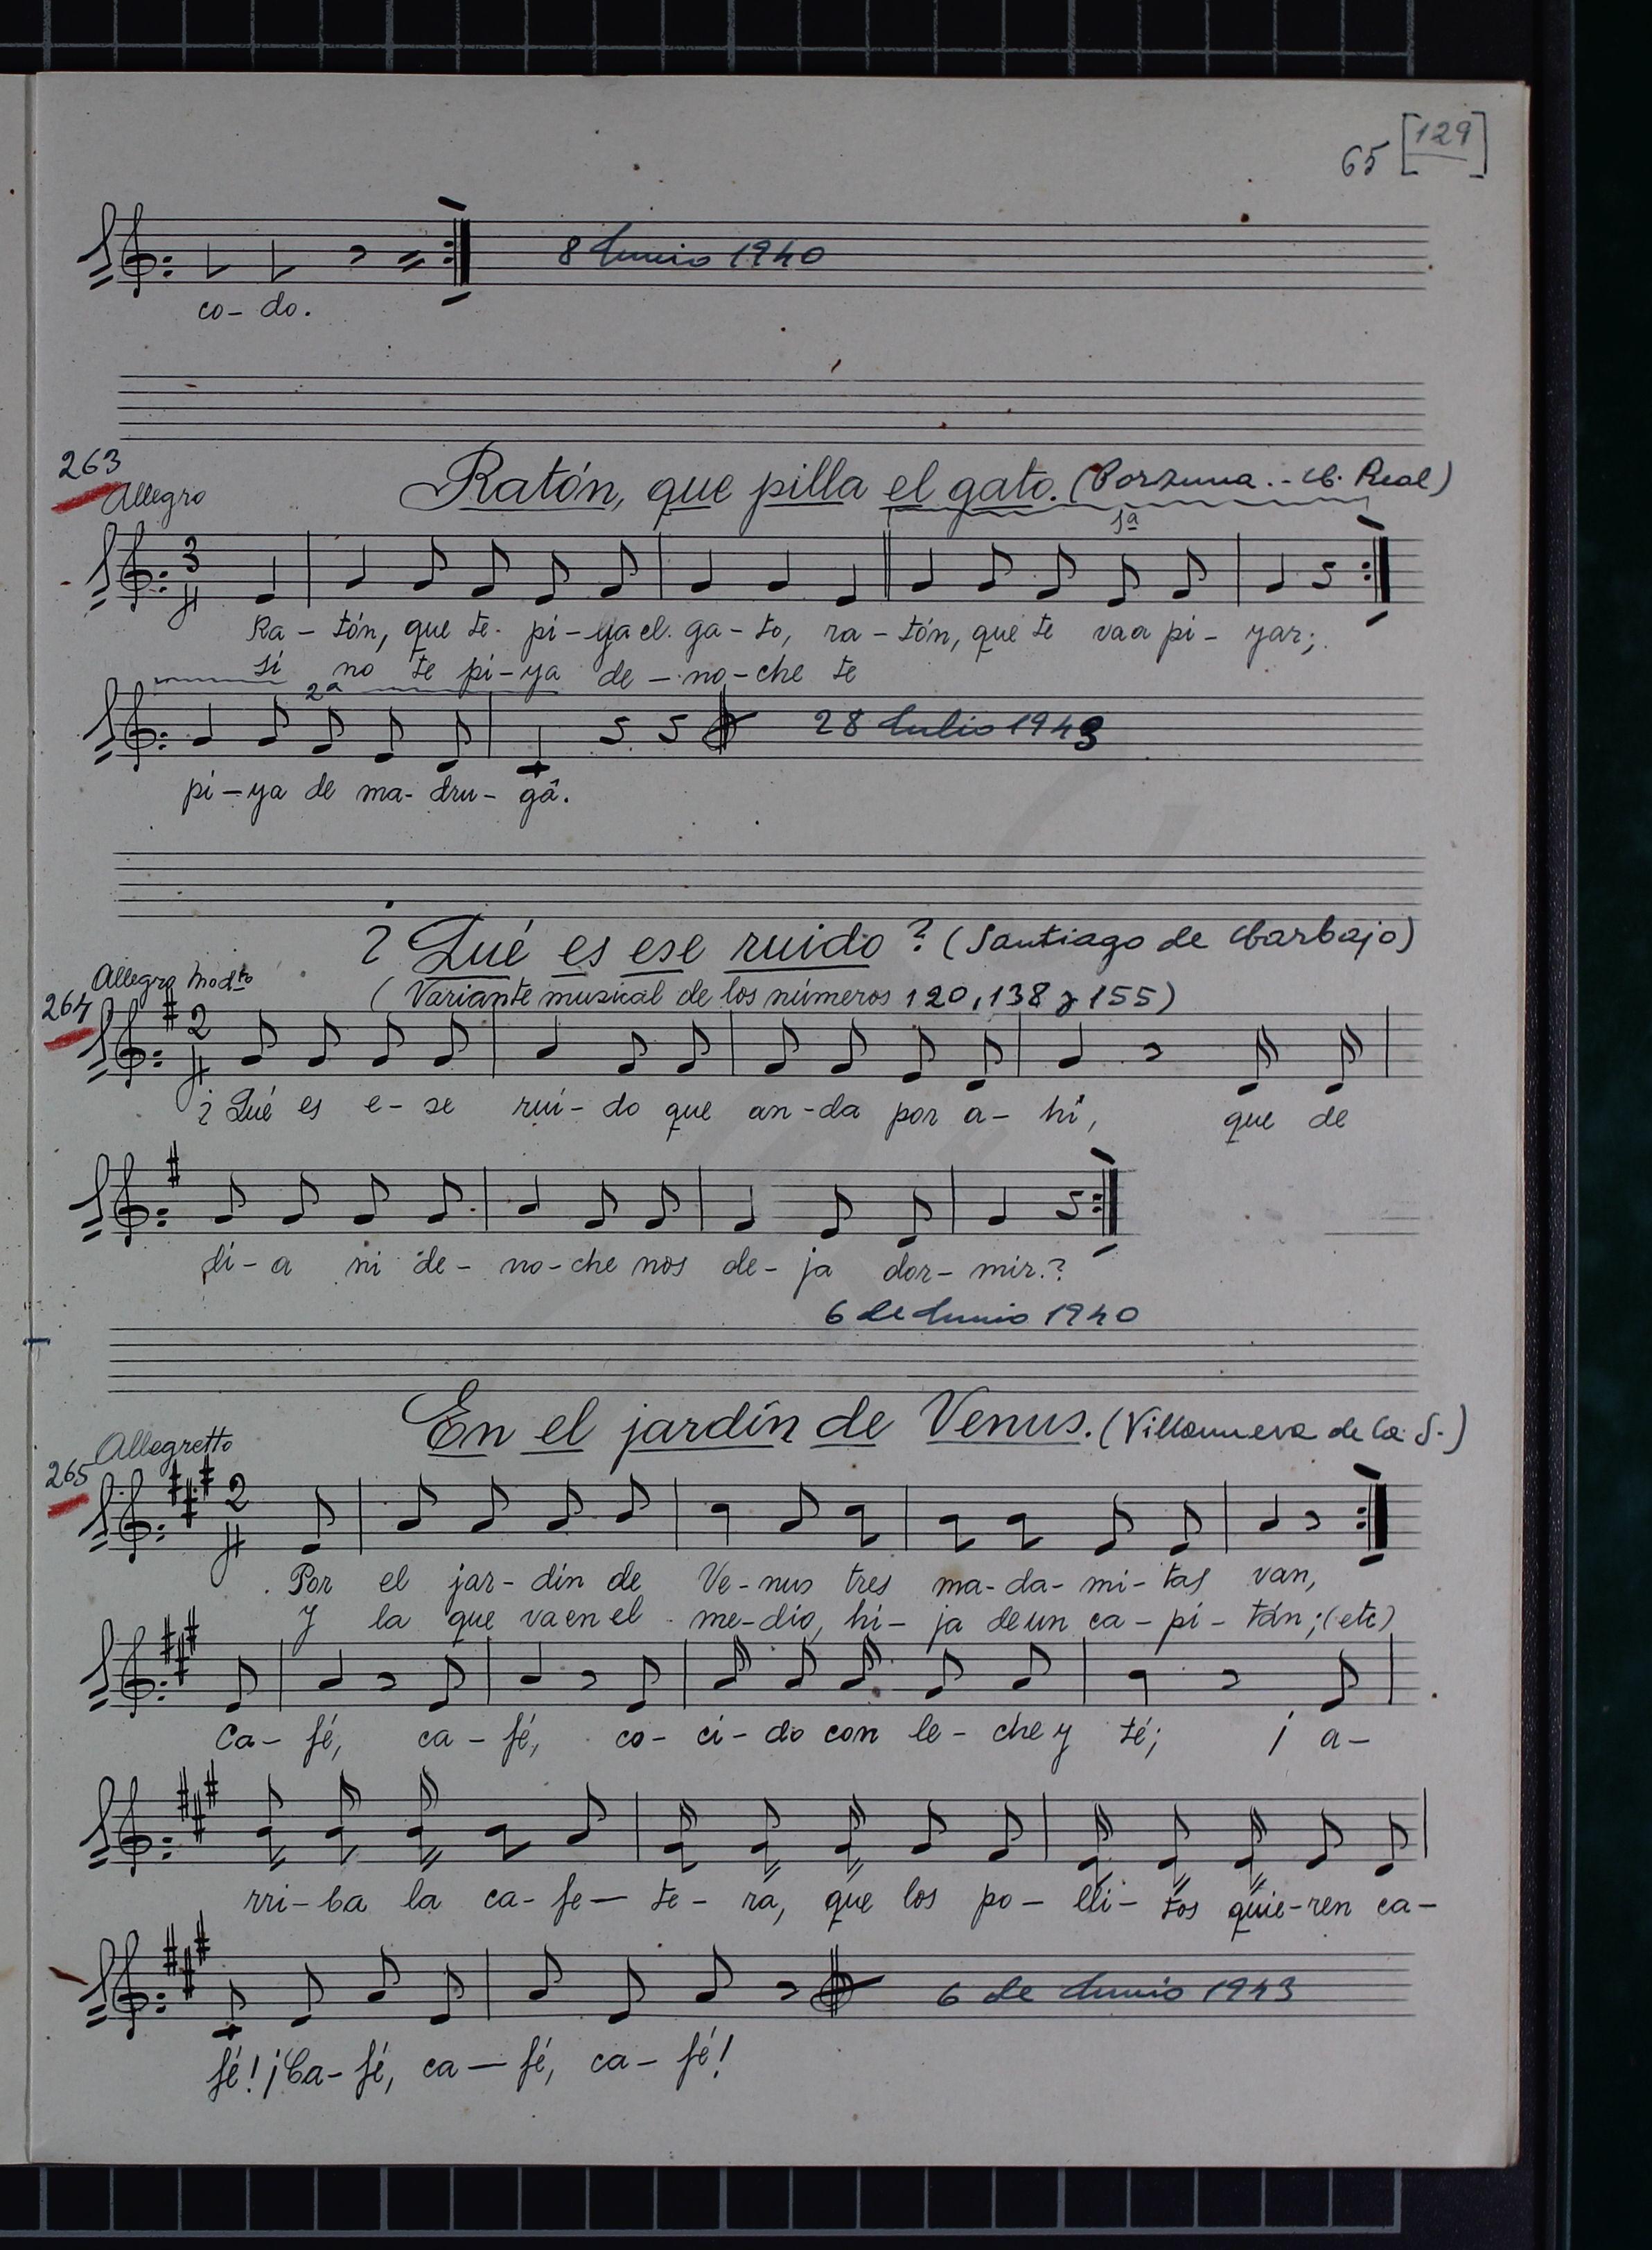 En el jard n de venus fondo de m sica tradicional for Cancion en el jardin